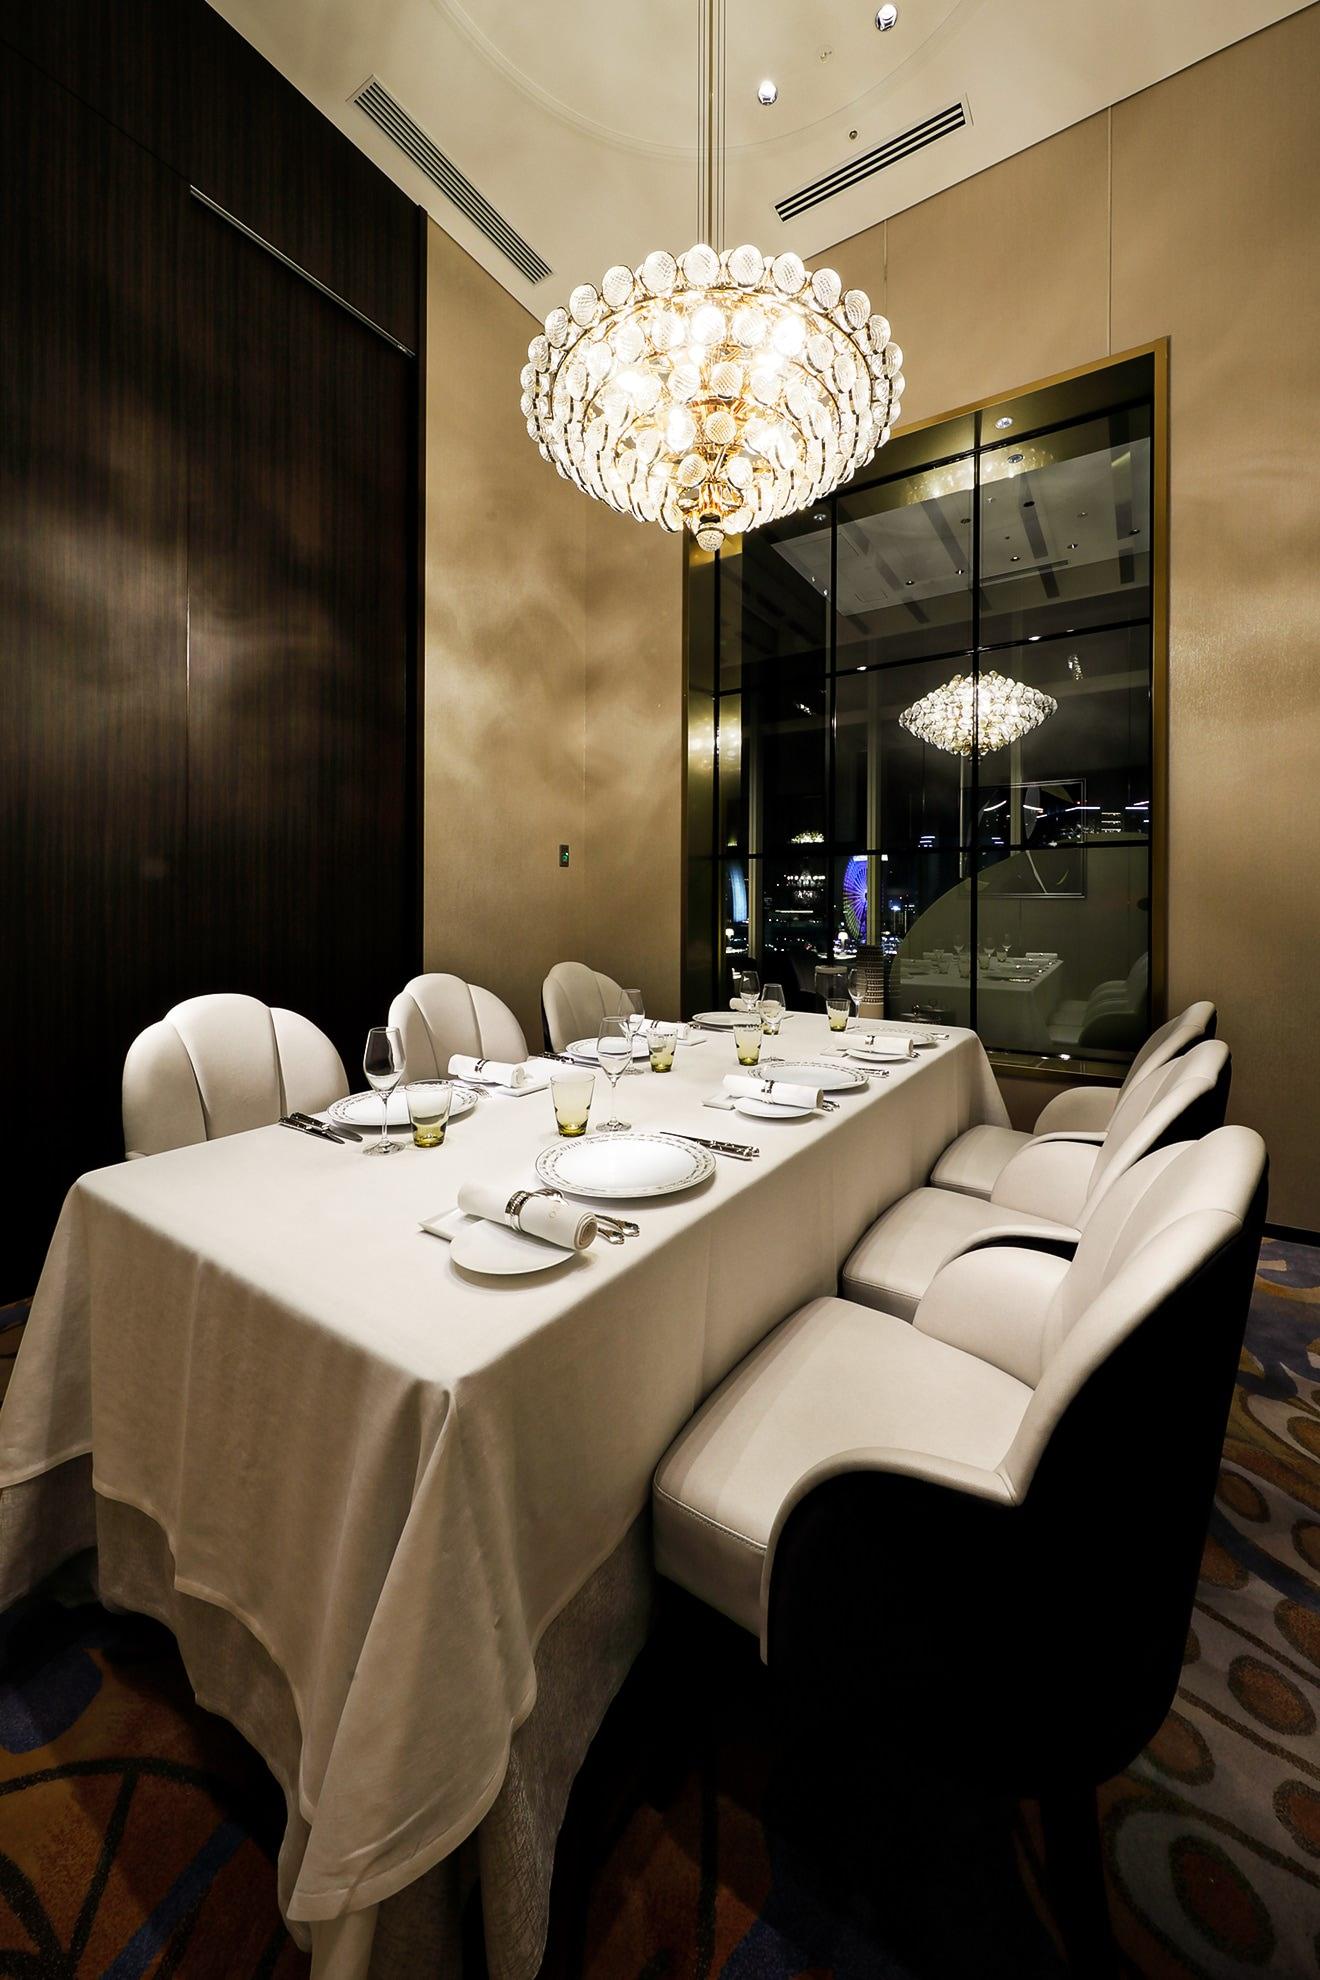 ホテル レストラン カハラ 横浜